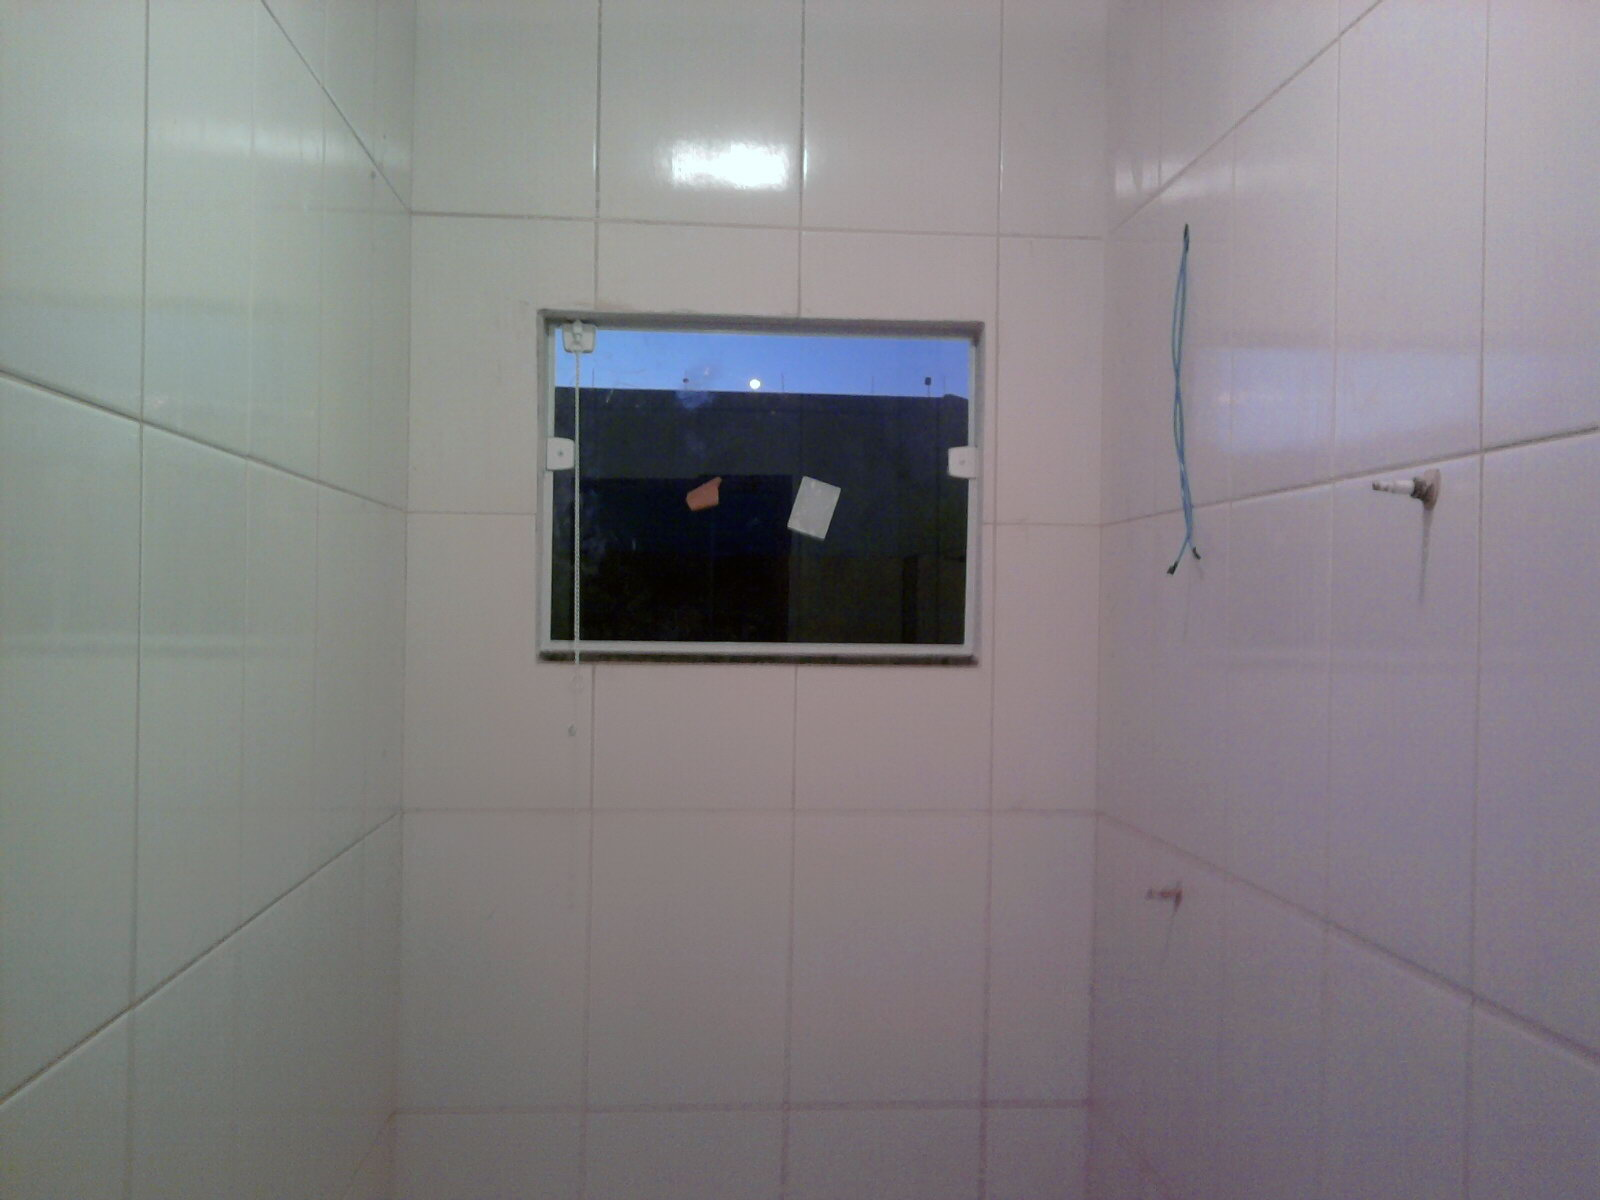 Imagens de #4B5680 Sobre a vida e o viver: Julho 2011 1600x1200 px 3514 Blindex De Banheiro Rj